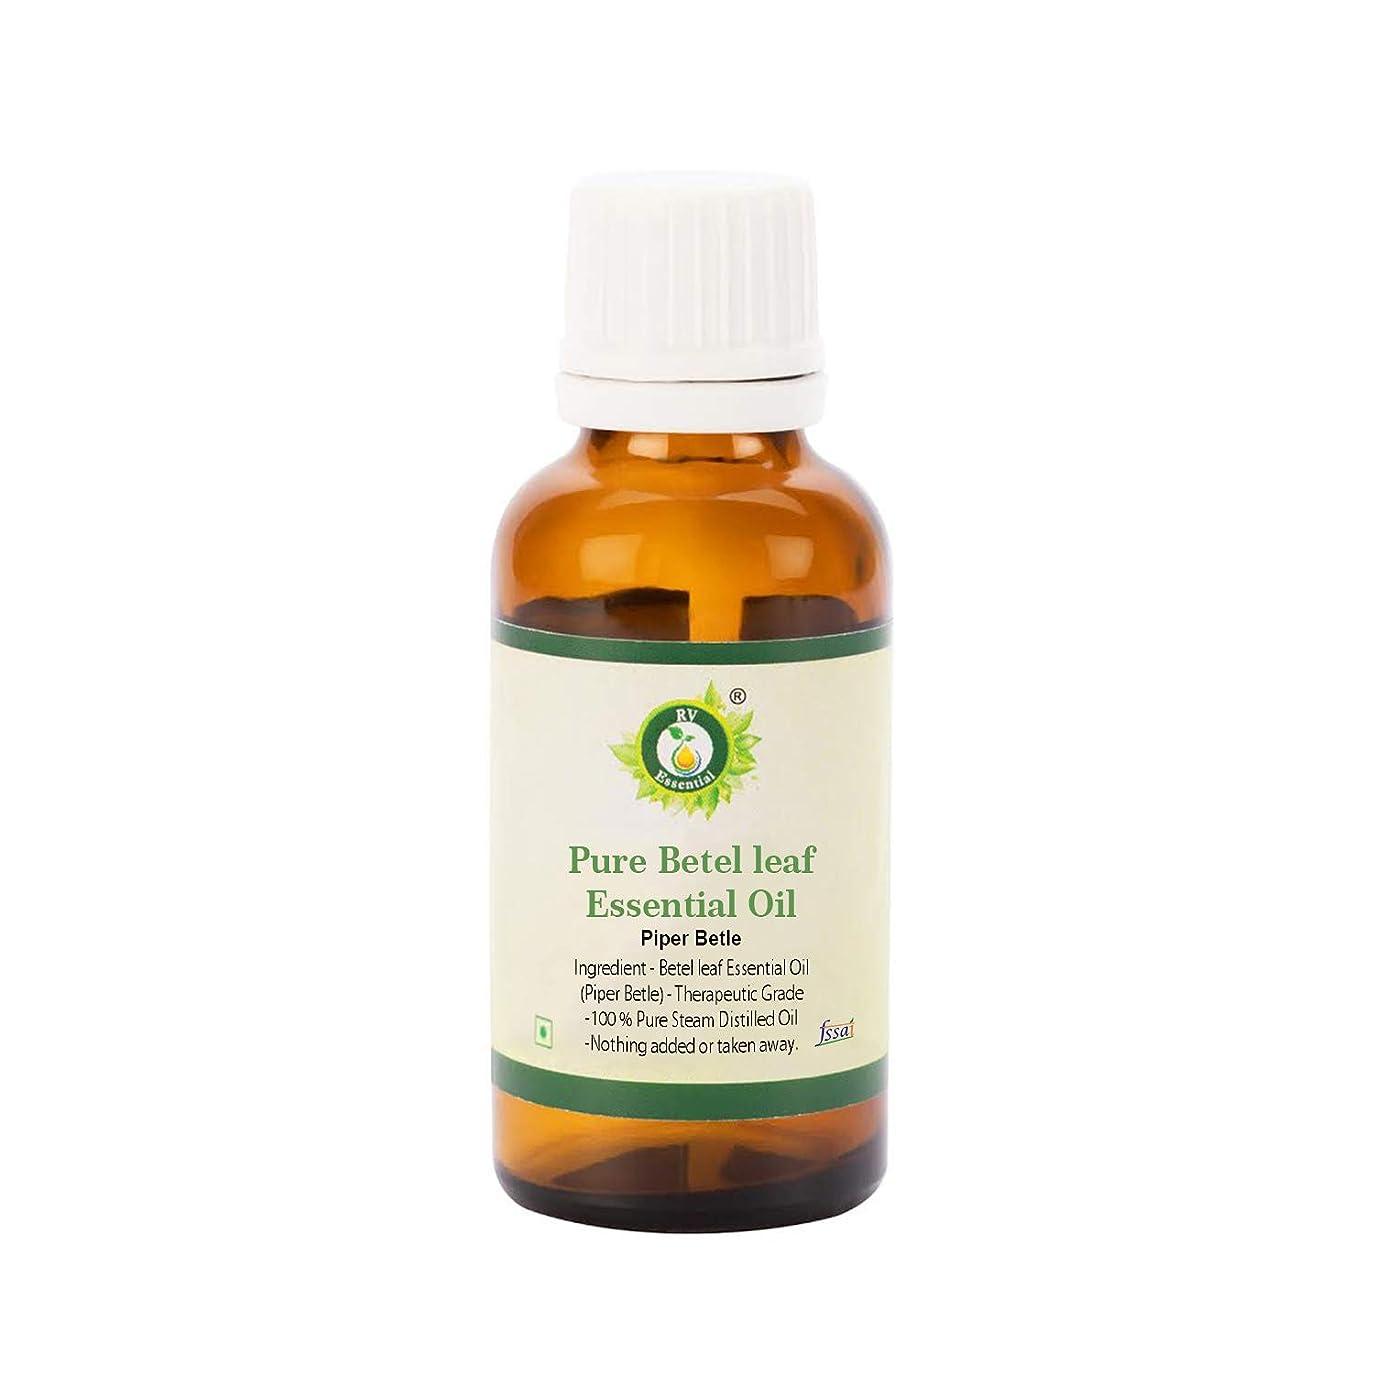 上へセント挑むR V Essential ピュアBetel葉エッセンシャルオイル50ml (1.69oz)- Piper Betle (100%純粋&天然スチームDistilled) Pure Betel leaf Essential Oil